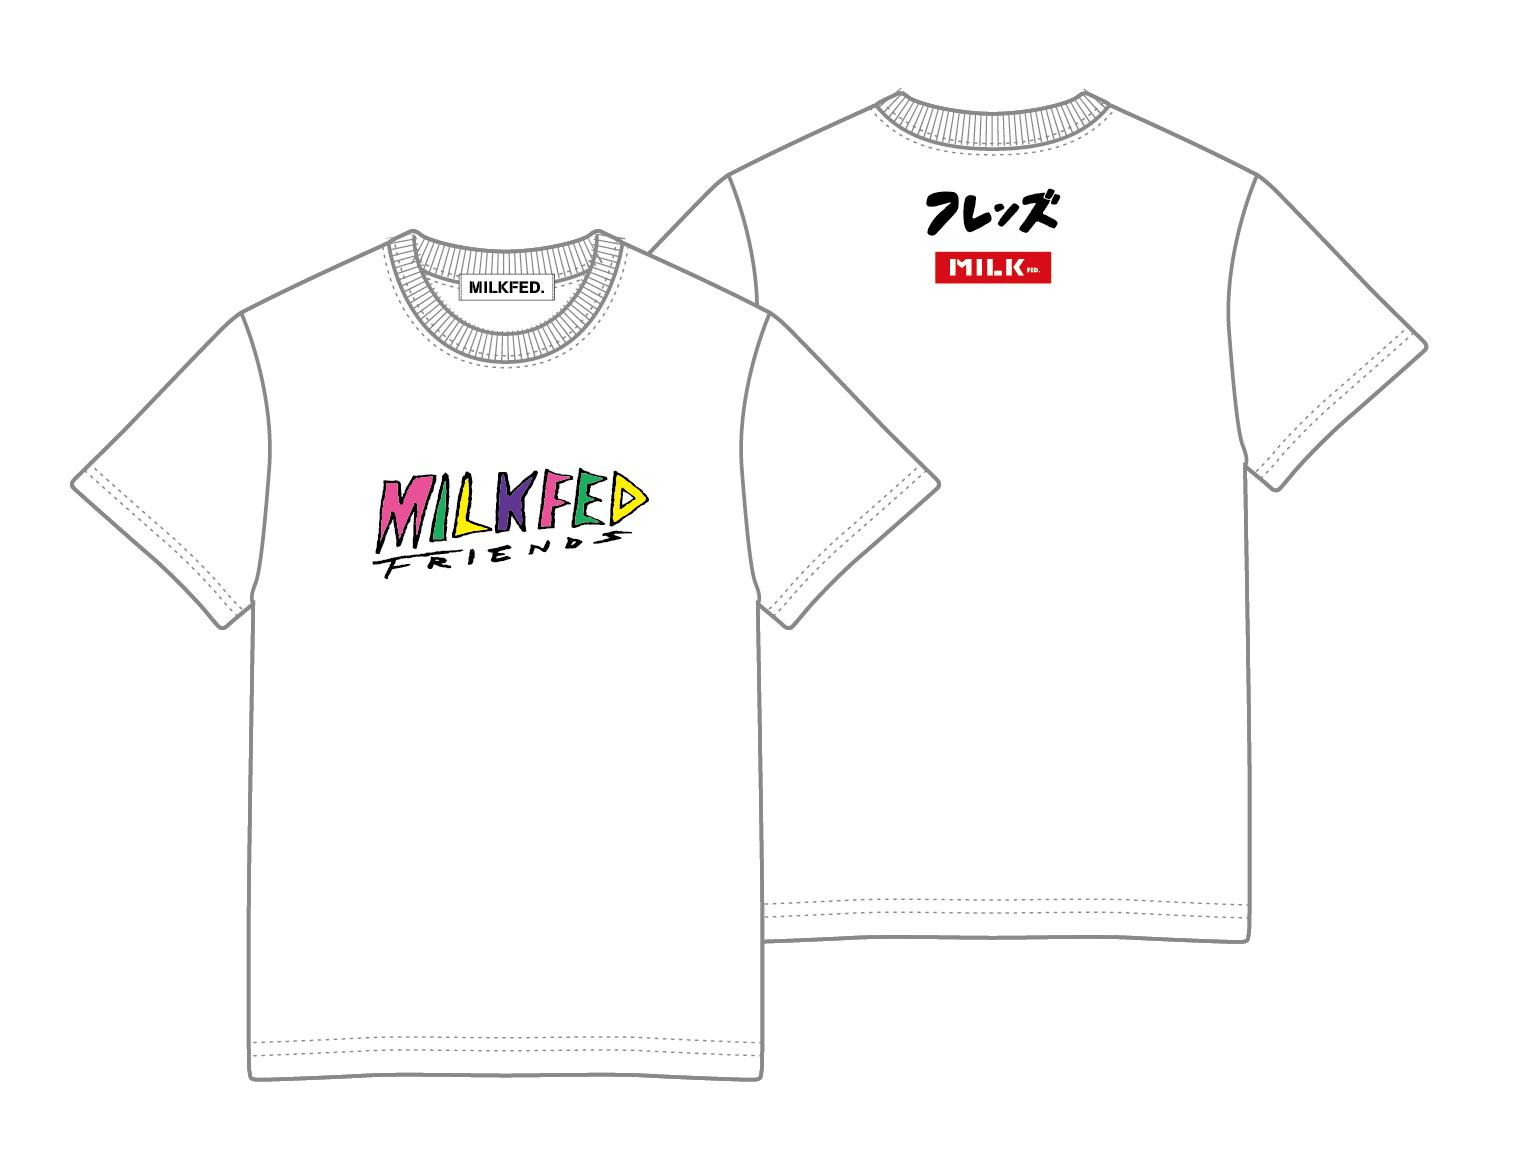 【配送商品】フレンズ × MILKFED. コラボTシャツ WHITE(M)の画像